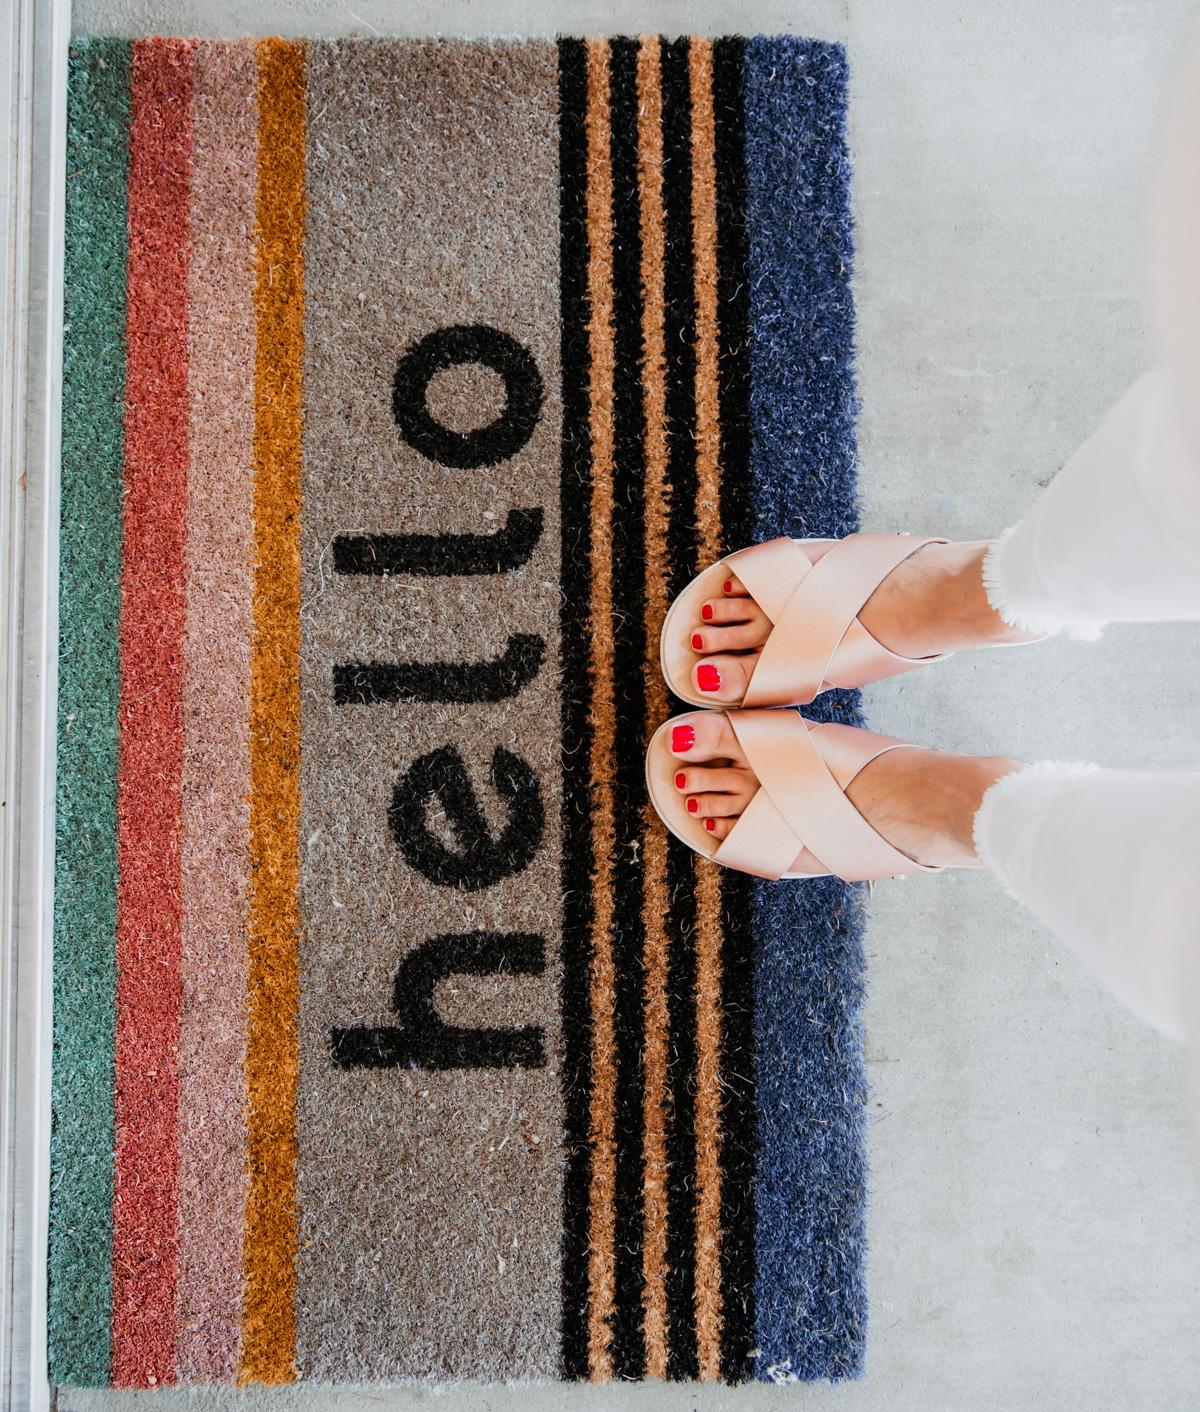 Rose Gold Ugg Sandals